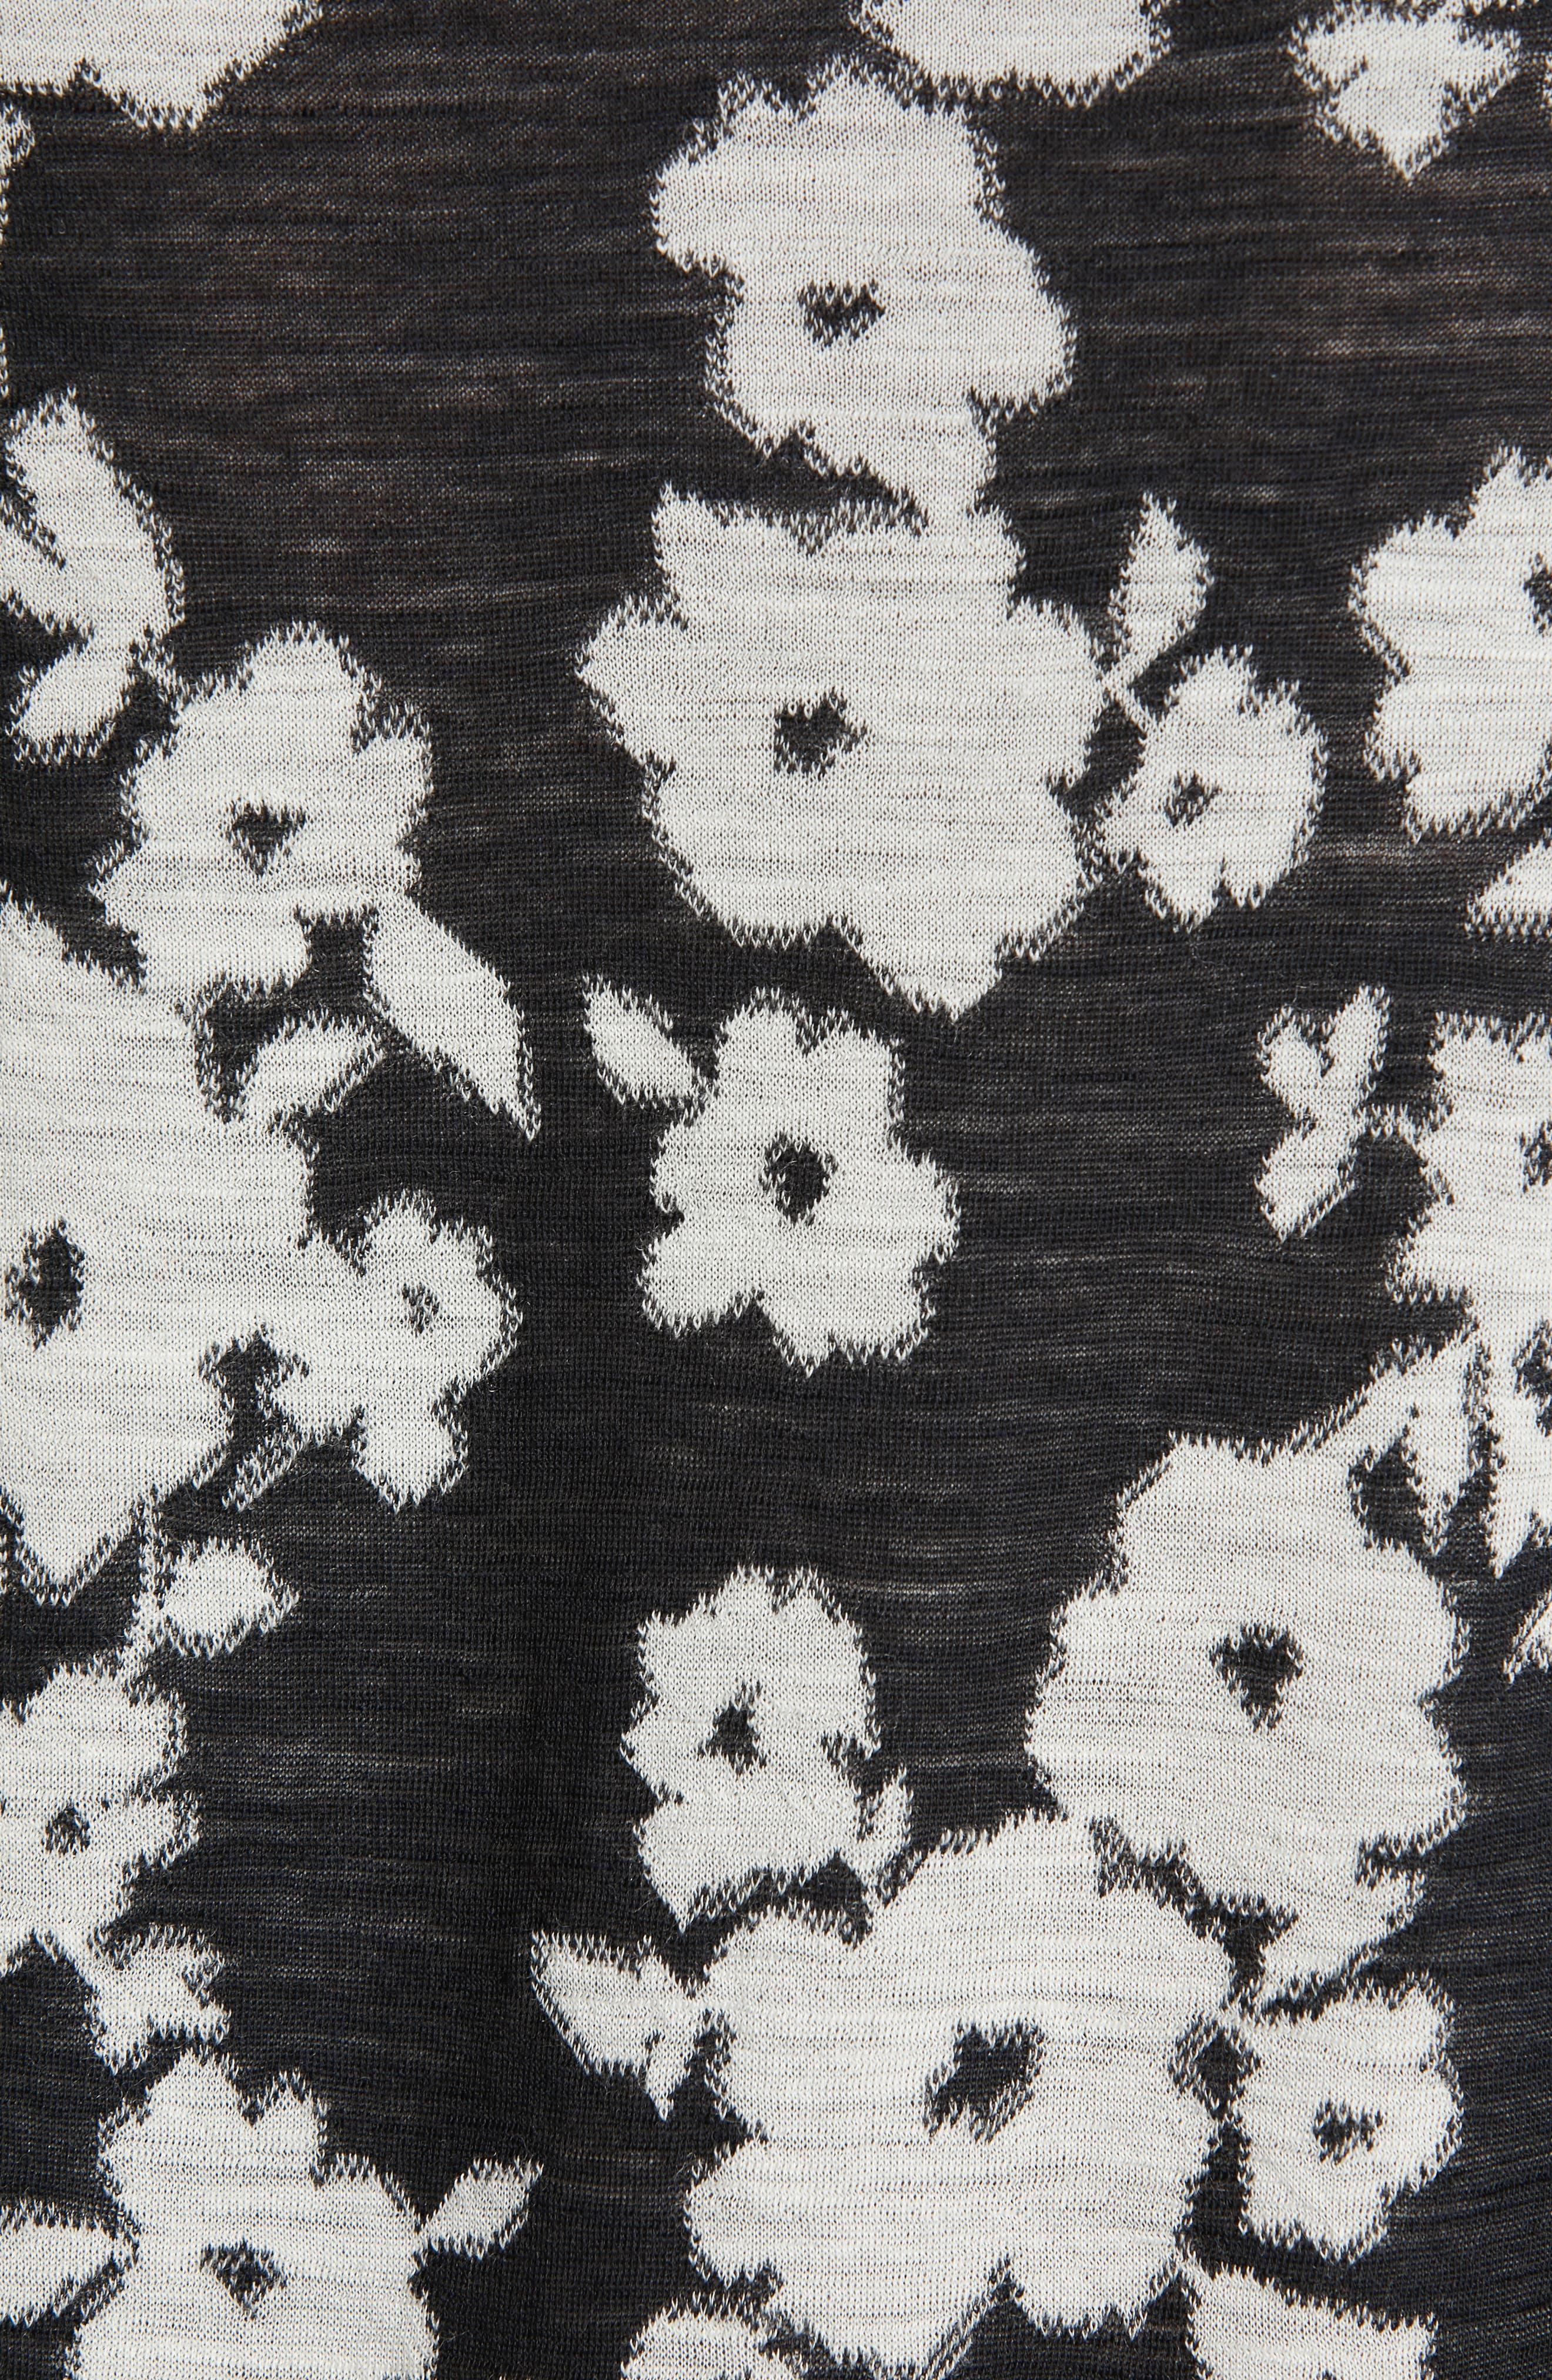 TRICOT COMME DES GARÇONS, Floral Jacquard Top, Alternate thumbnail 6, color, BLACK/ OFF WHITE